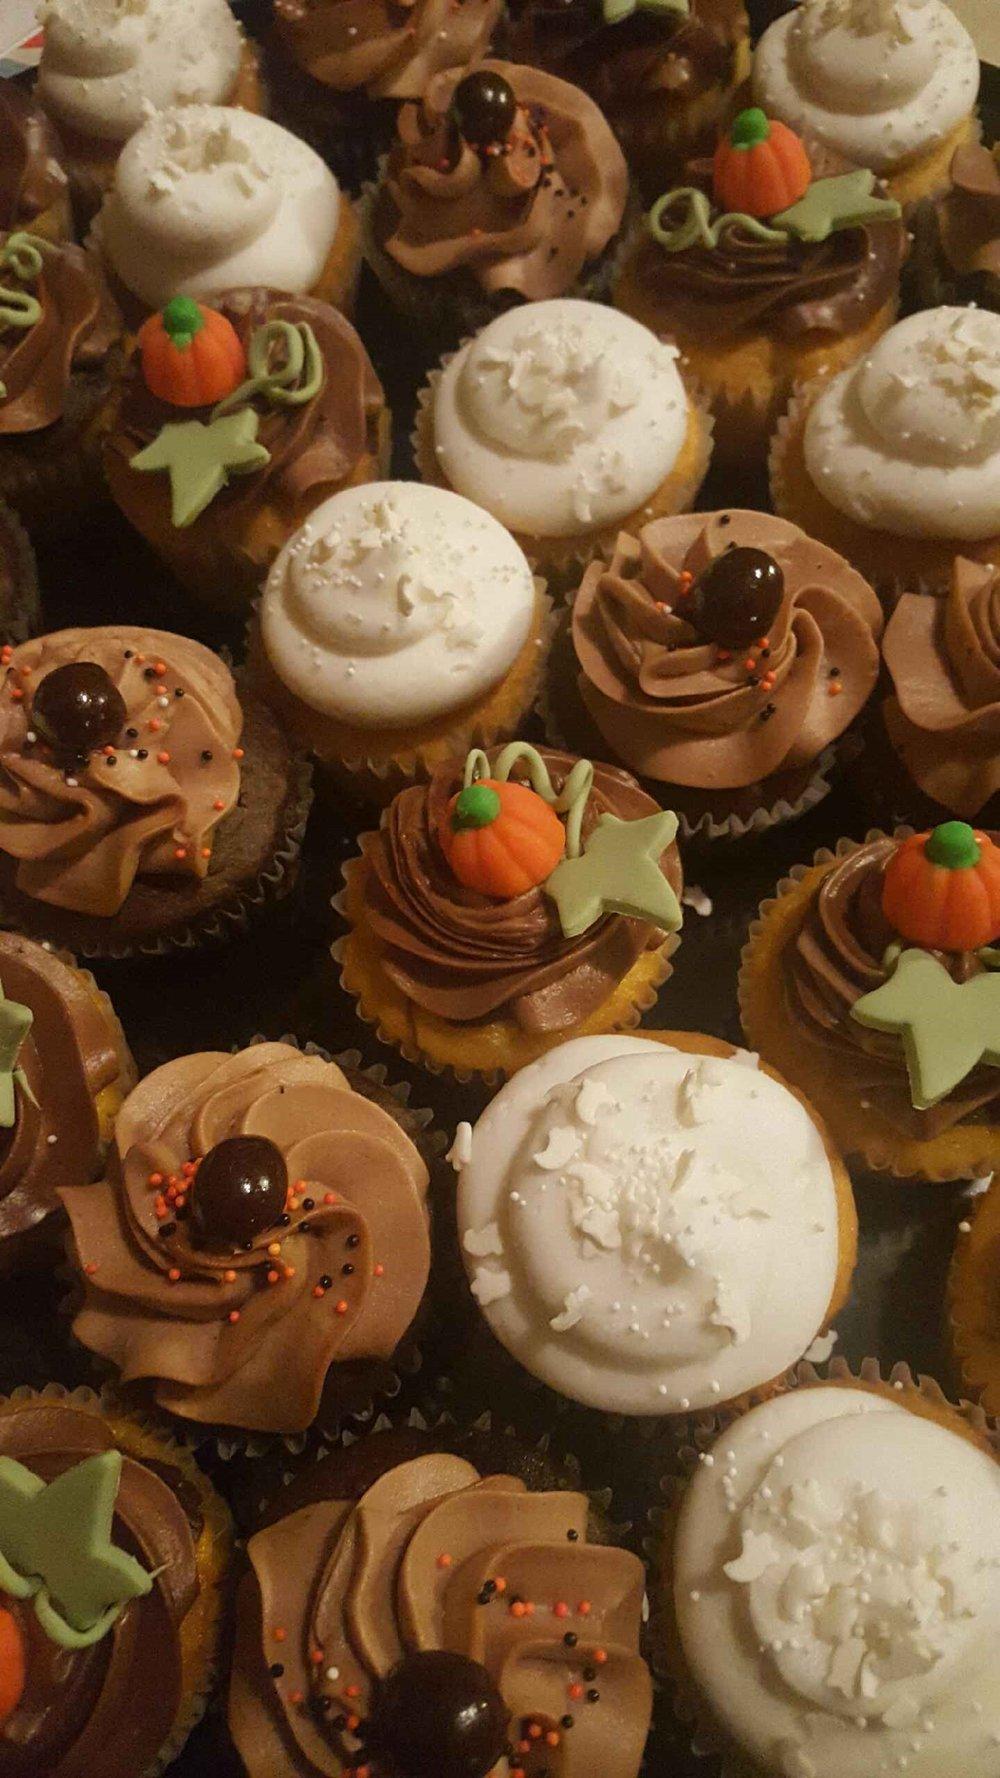 OctoberCupcakes.jpg